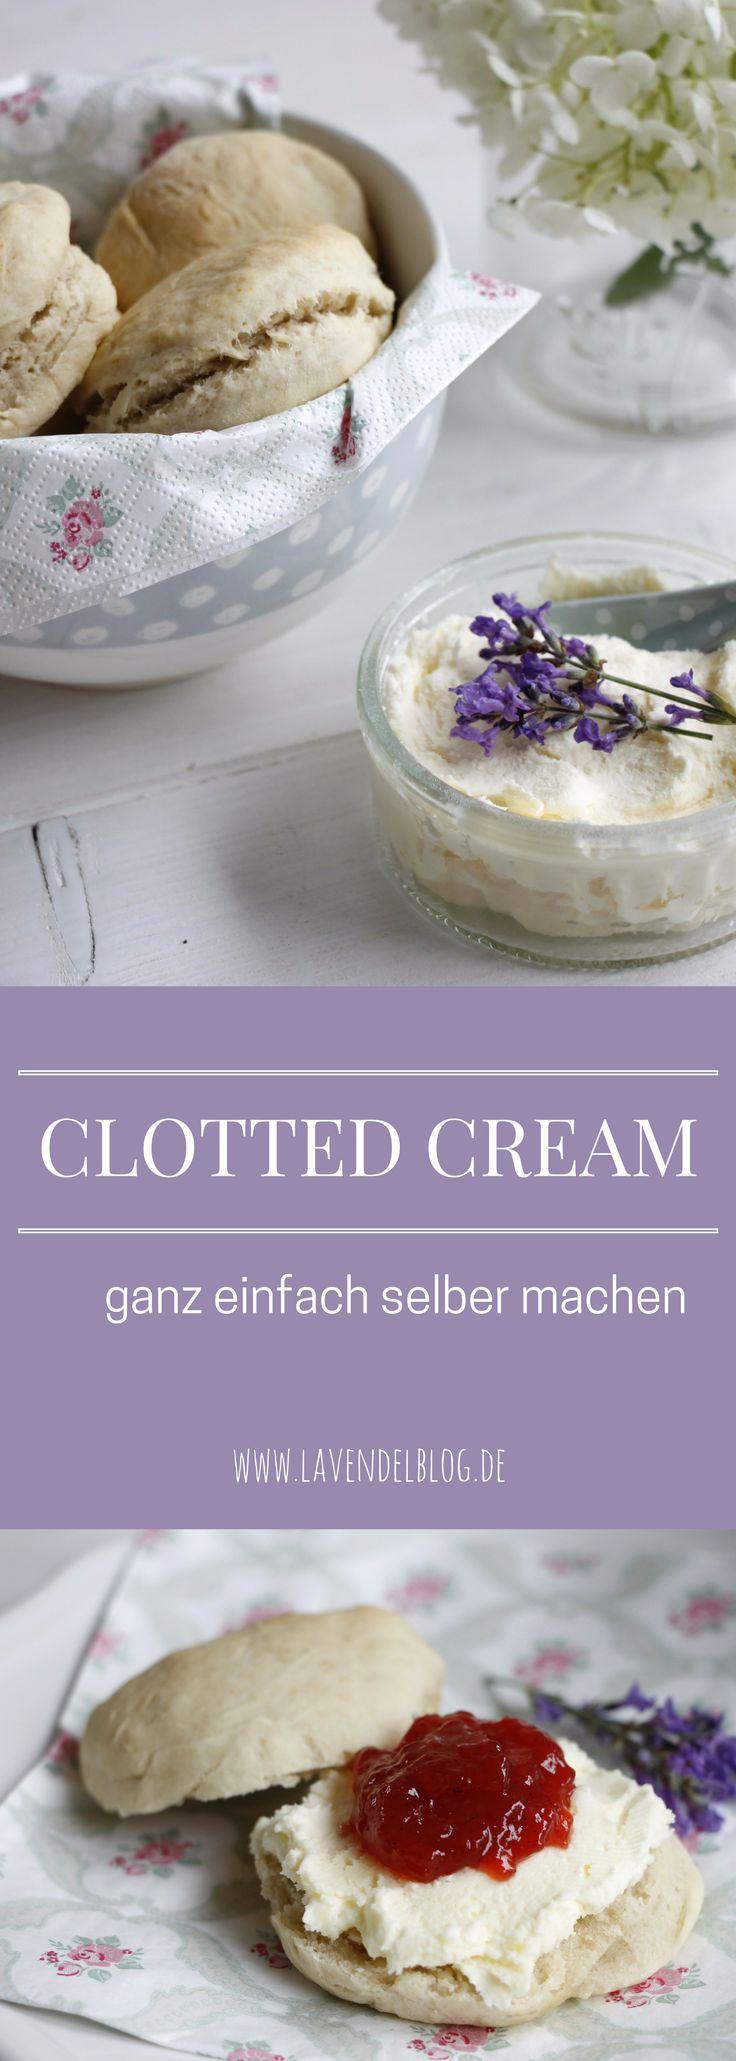 Clotted Cream selber machen könnt ihr mit diesem einfachen Clotted Cream Rezept. Die Clotted Cream Zubereitung braucht zwar etwas Zeit, dafür ist sie echt britisch und schmeckt zu selbstgebackene Scones köstlich. Viel Spaß bei eurem Devon Cream Tea.